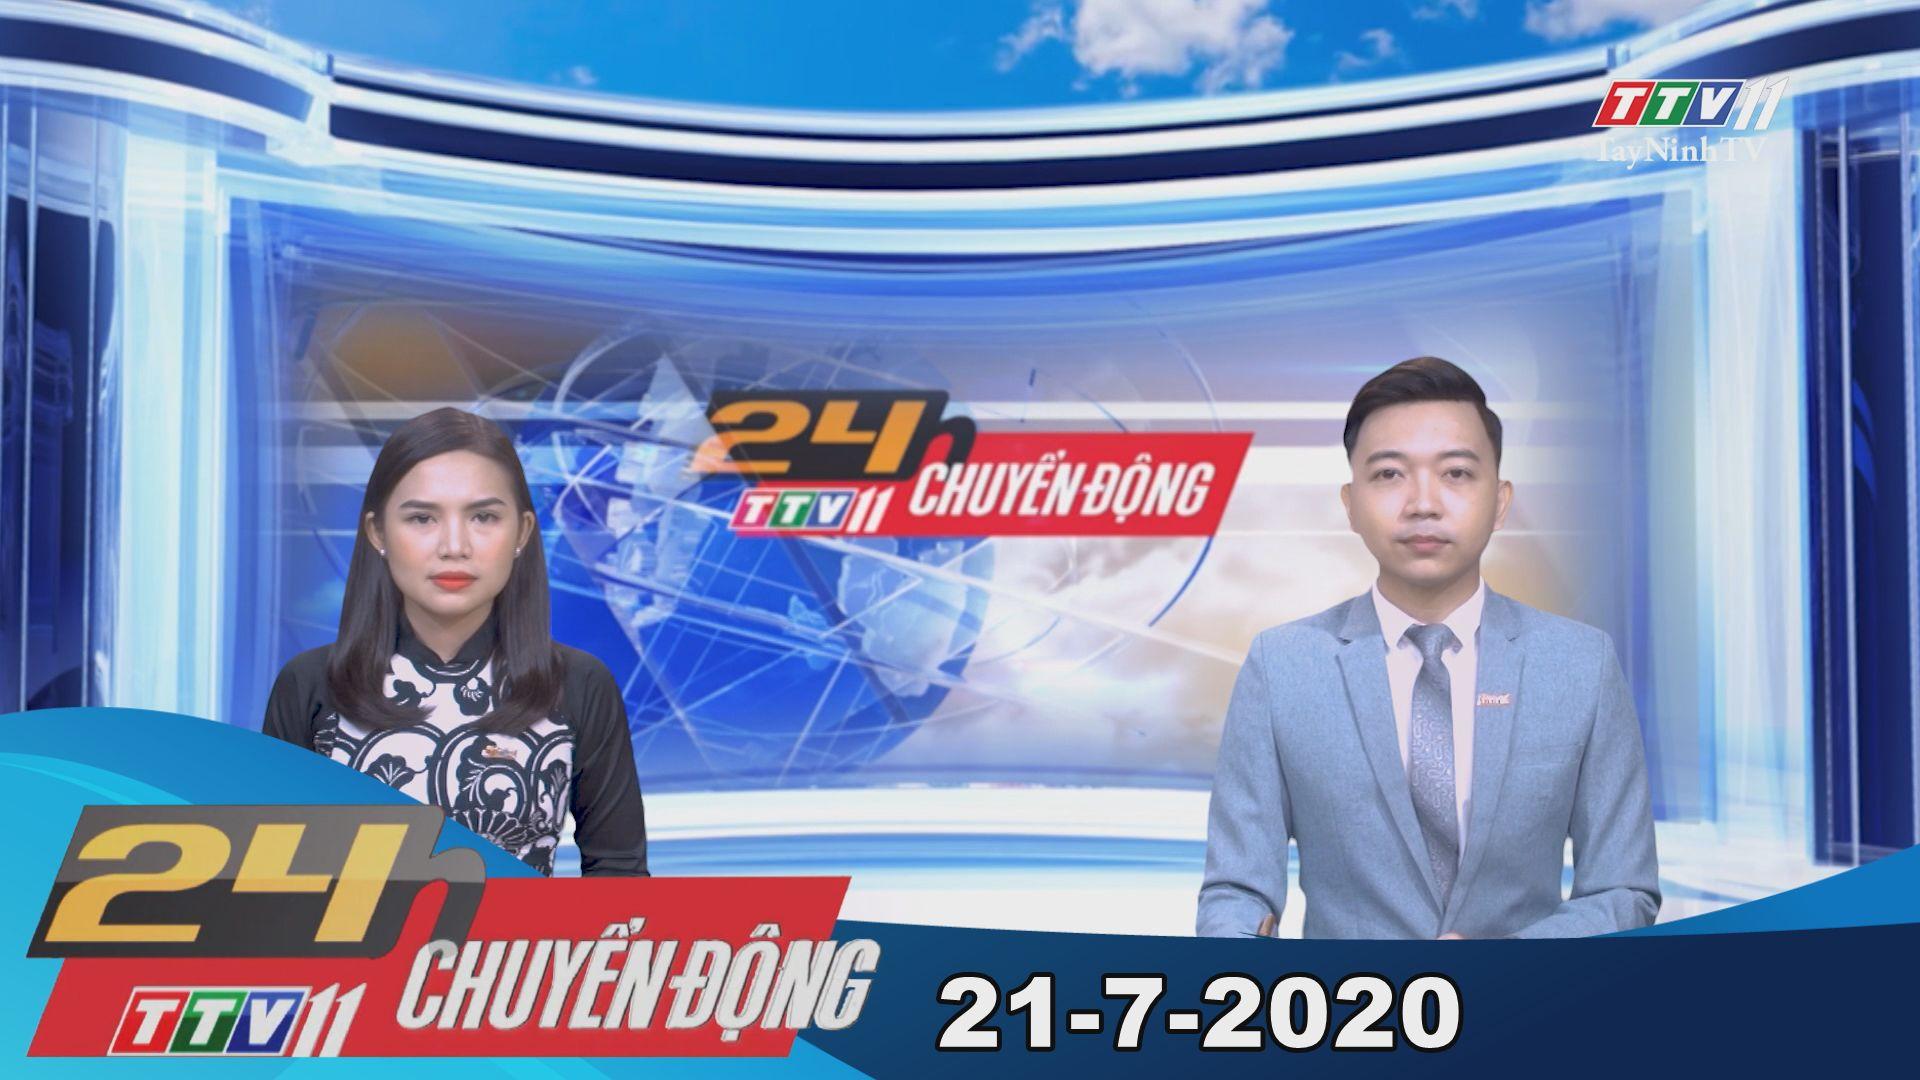 24h Chuyển động 21-7-2020 | Tin tức hôm nay | TayNinhTV